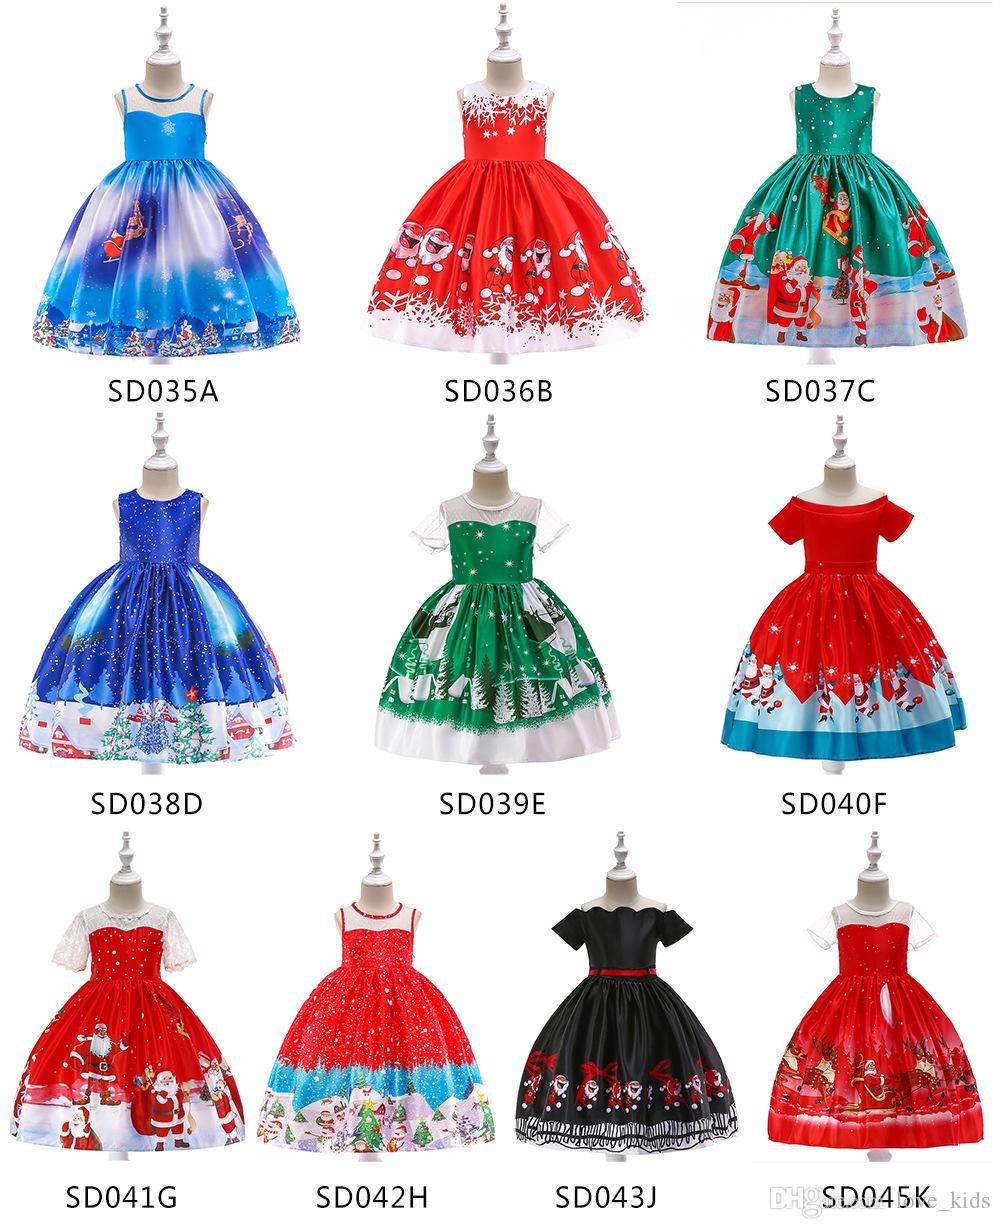 366219107 Compre 10 Estilos Nueva Navidad Año Nuevo Vestidos Para Niñas Ropa De Niños Faldas  Para Niños Vestido Para Niños Vestidos De Princesa A $23.12 Del Love_kids  ...